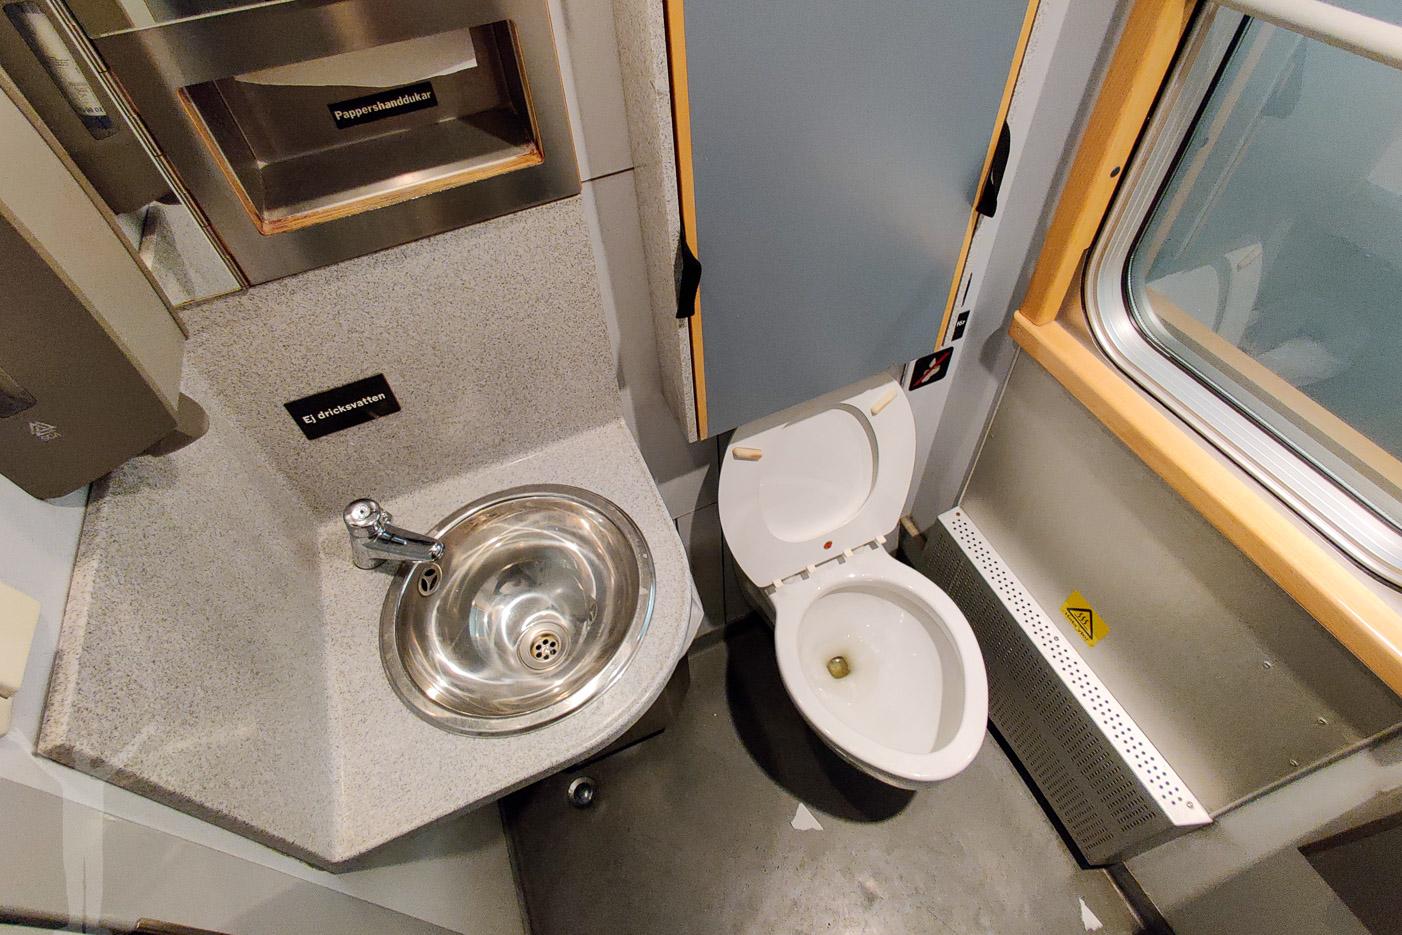 Delad toalett i korridoren